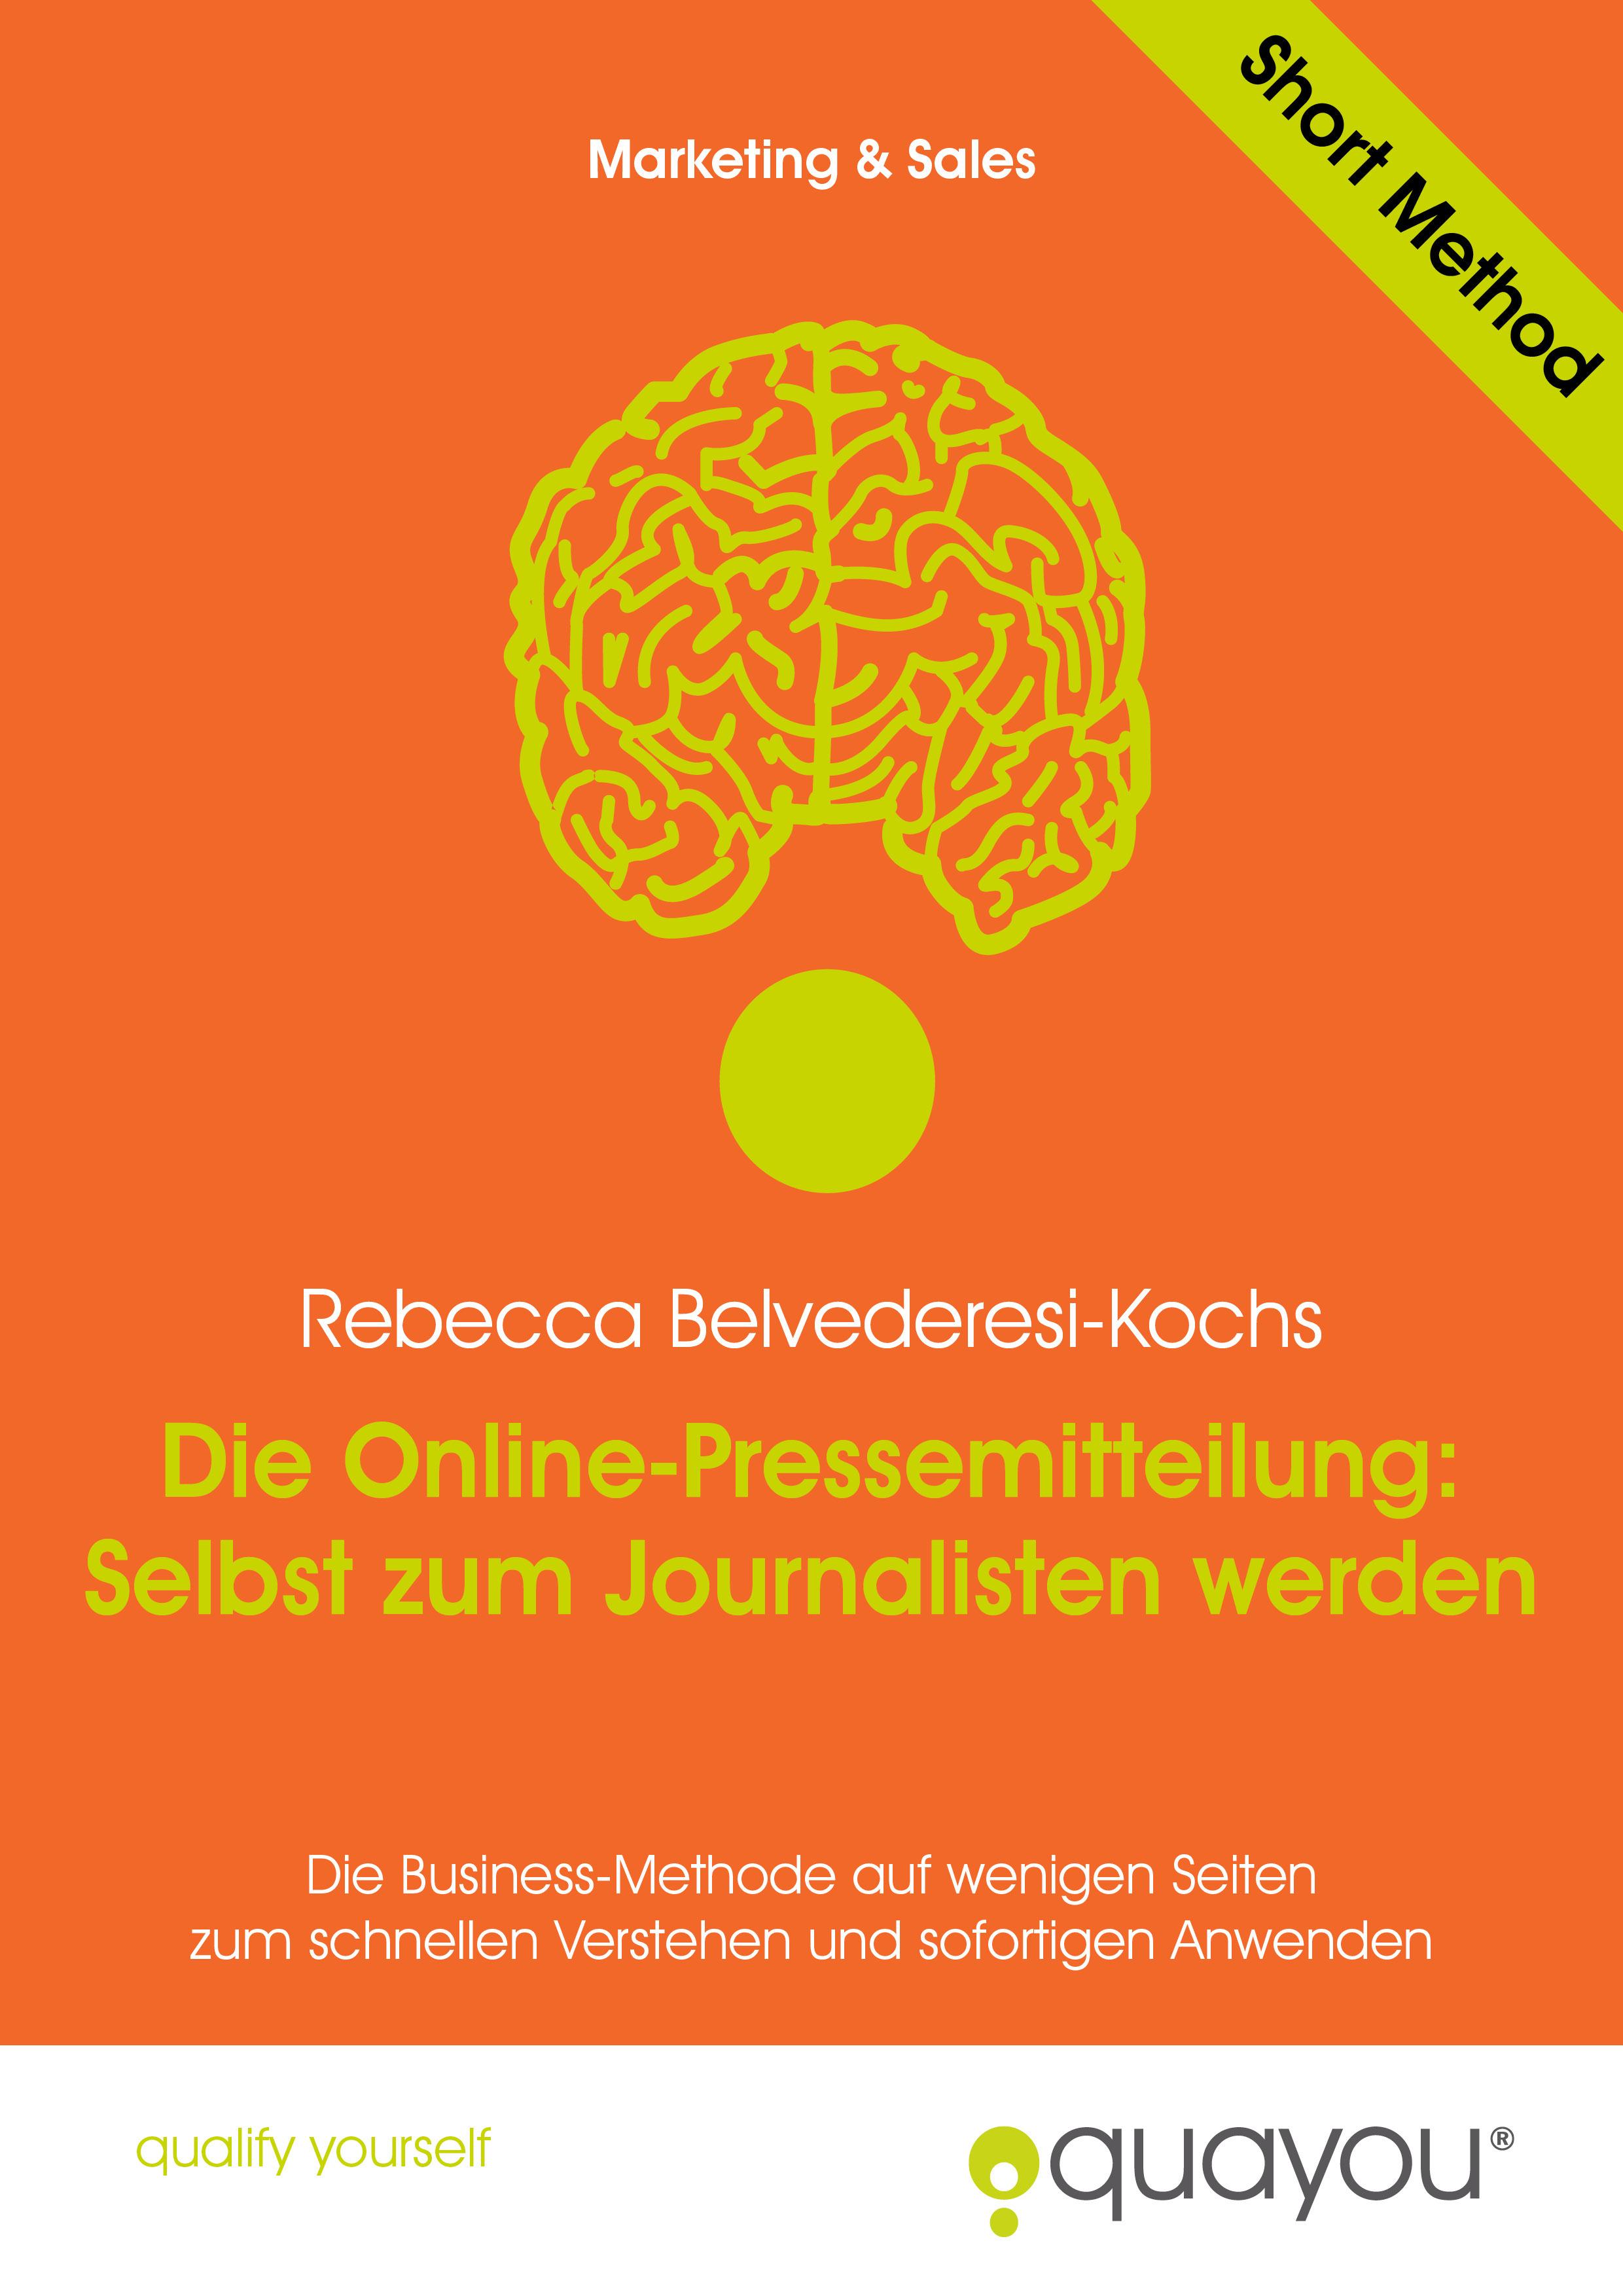 Die Online-Pressemitteilung: Selbst zum Journalisten werden  by  Rebecca Belvederesi-Kochs